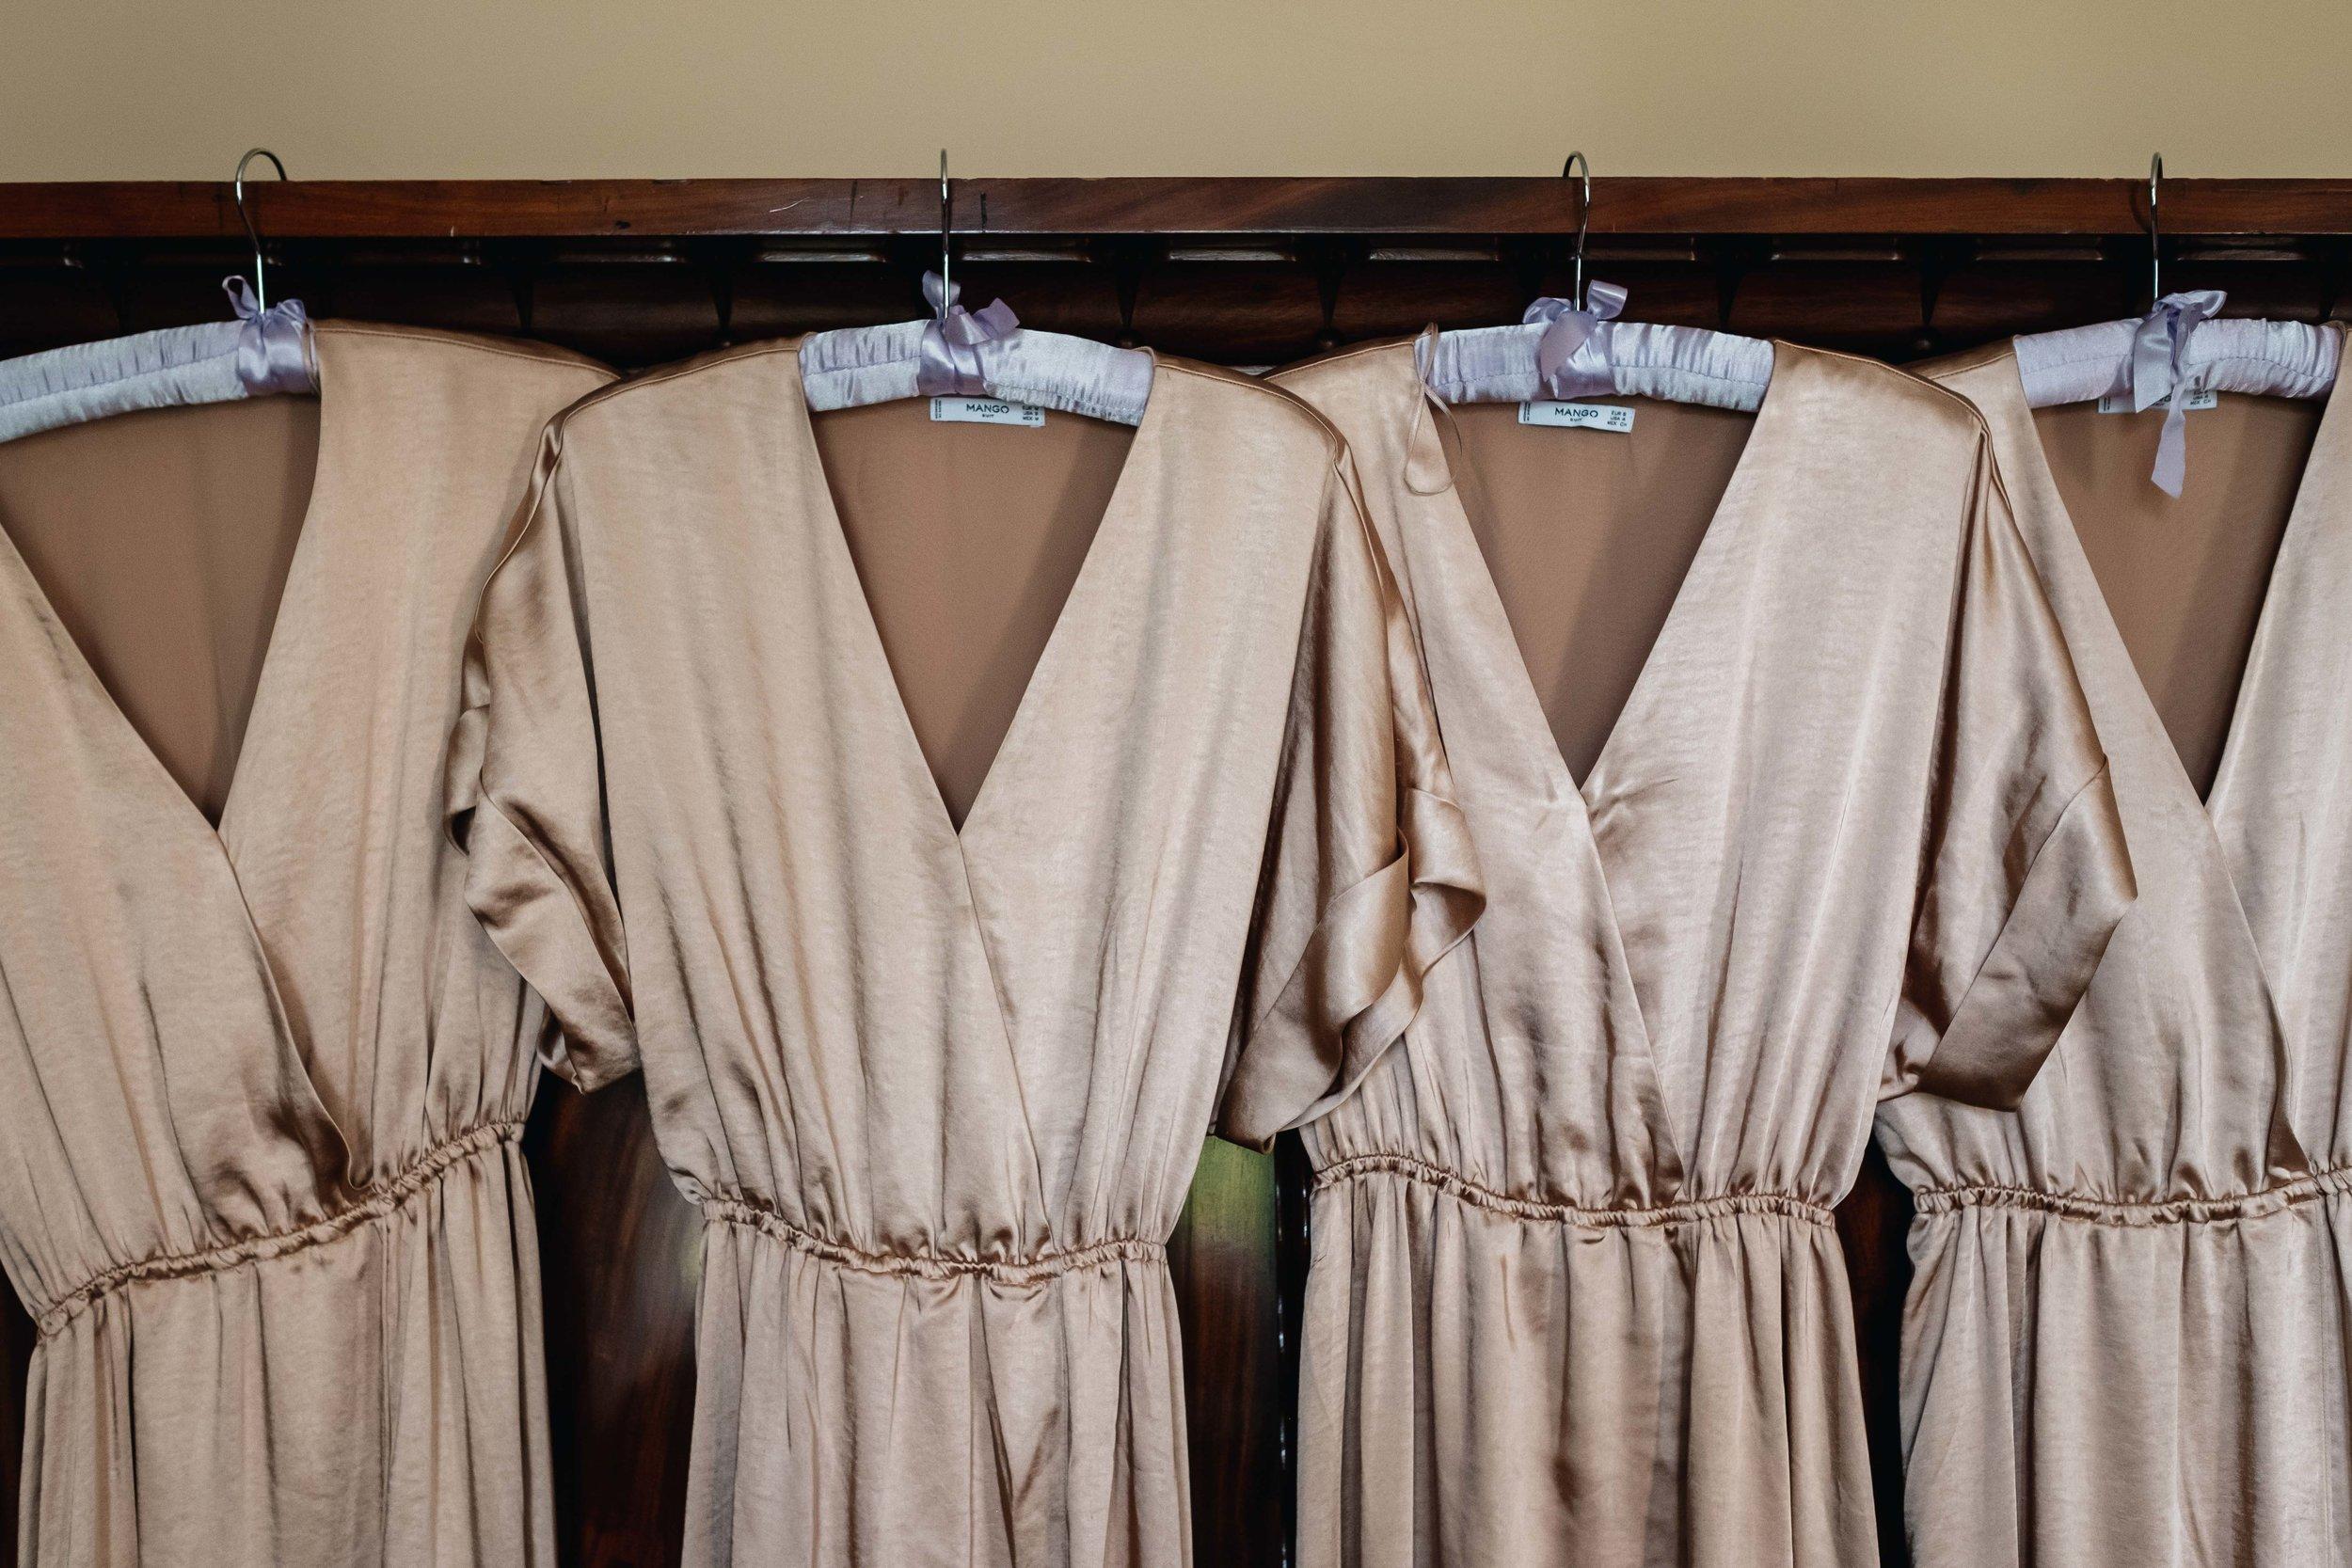 gold bridesmaid dresses hanging on door